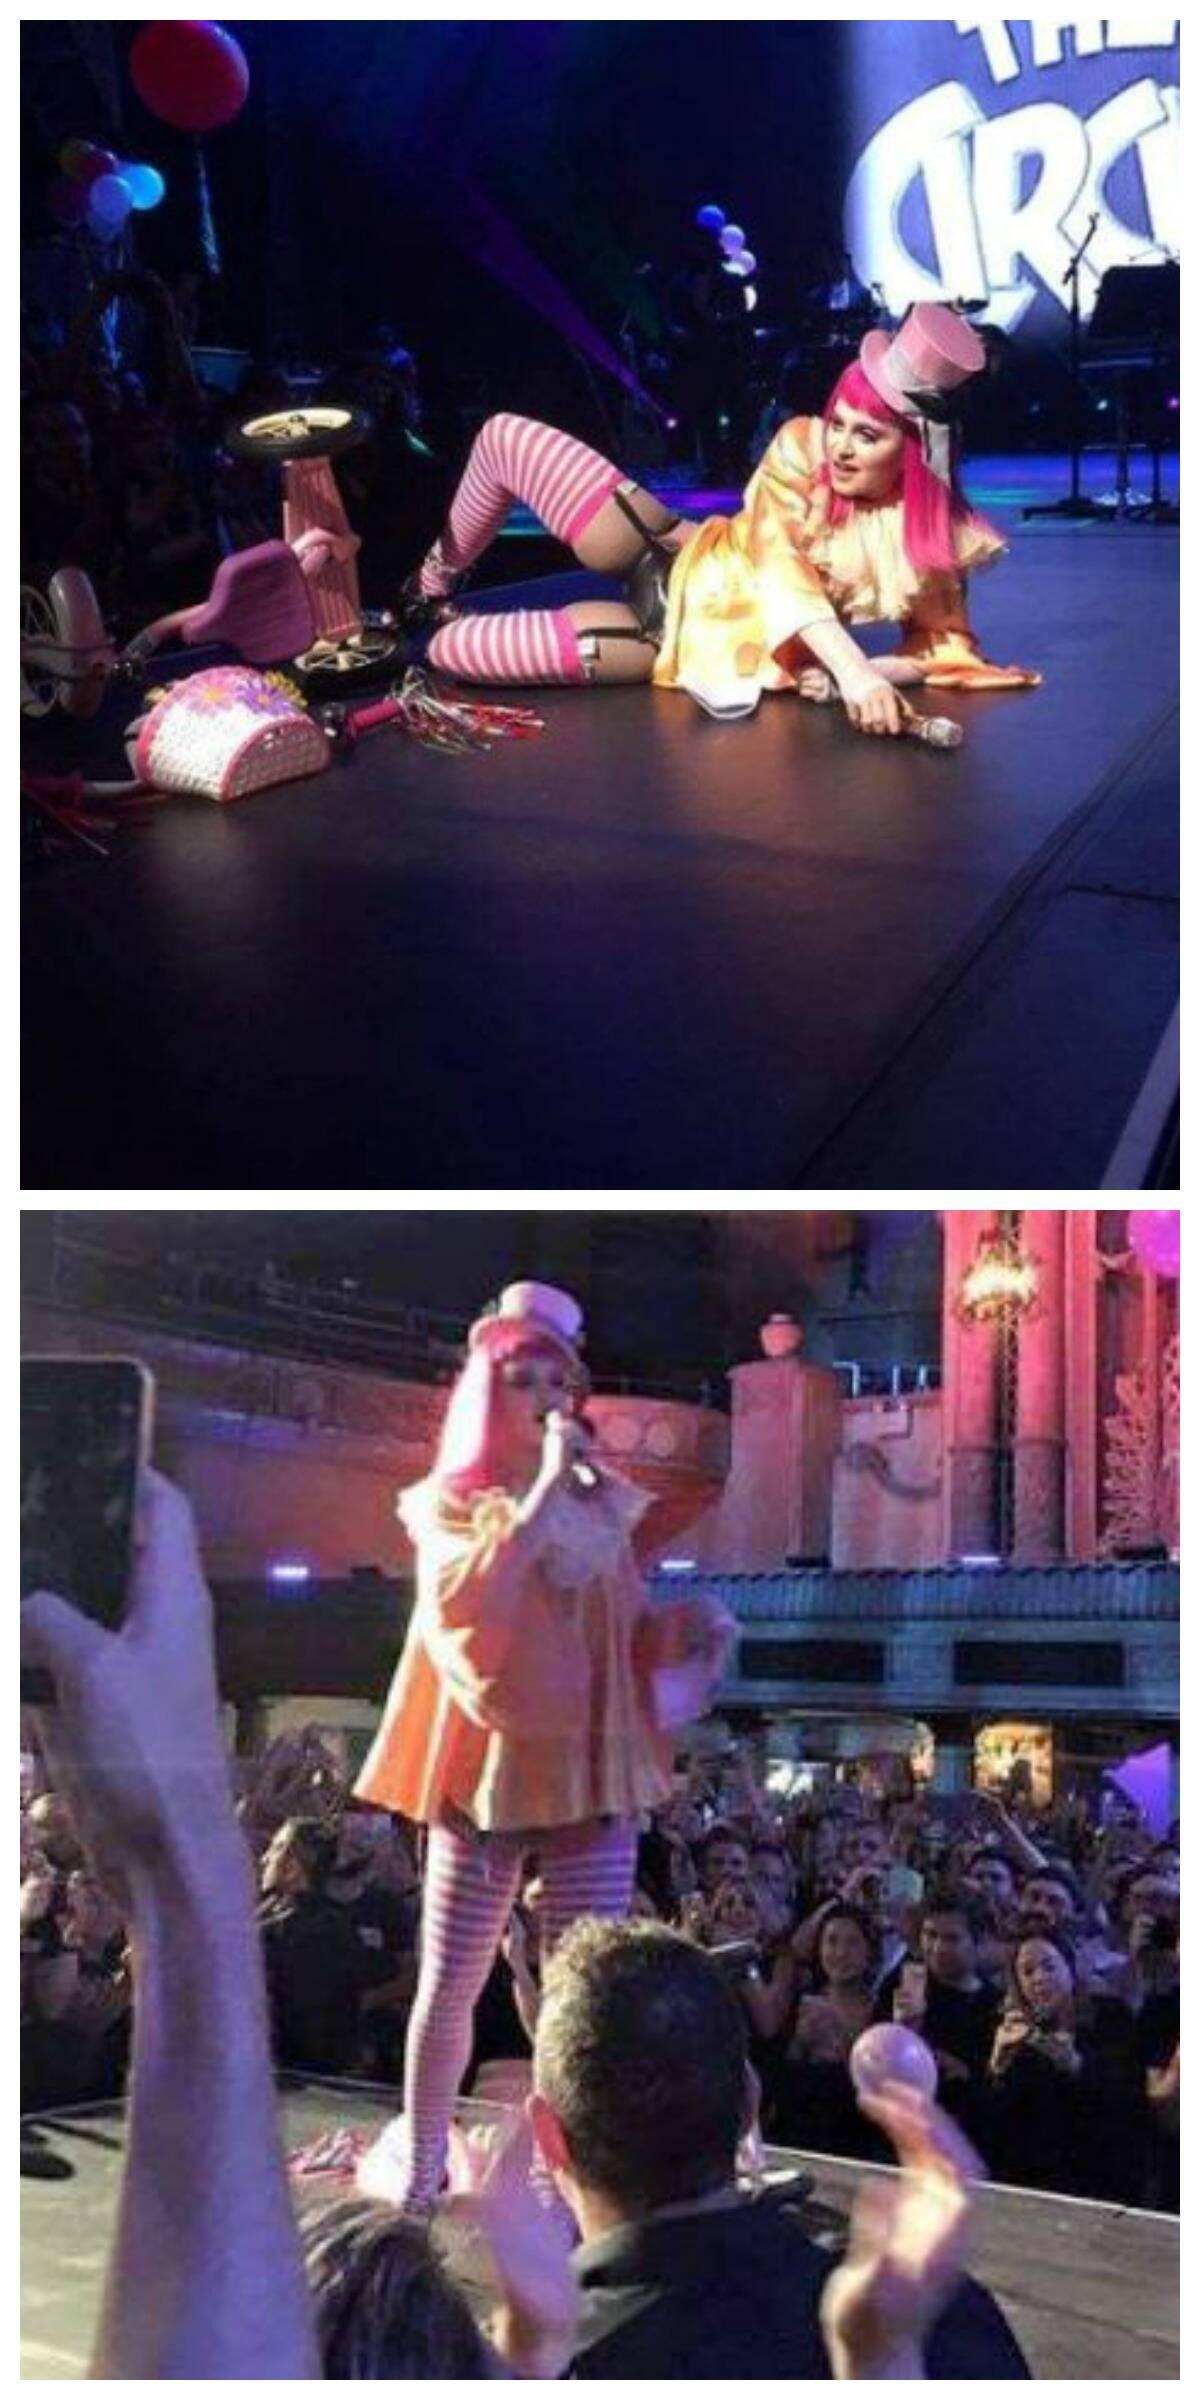 """Madonna, no alto, depois da """"queda"""" do triciclo no show do Forum Theater, em Melbourne, na Australia; acima, outro detalhe da apresentação desta quinta-feira / Fotos: reprodução da internet"""